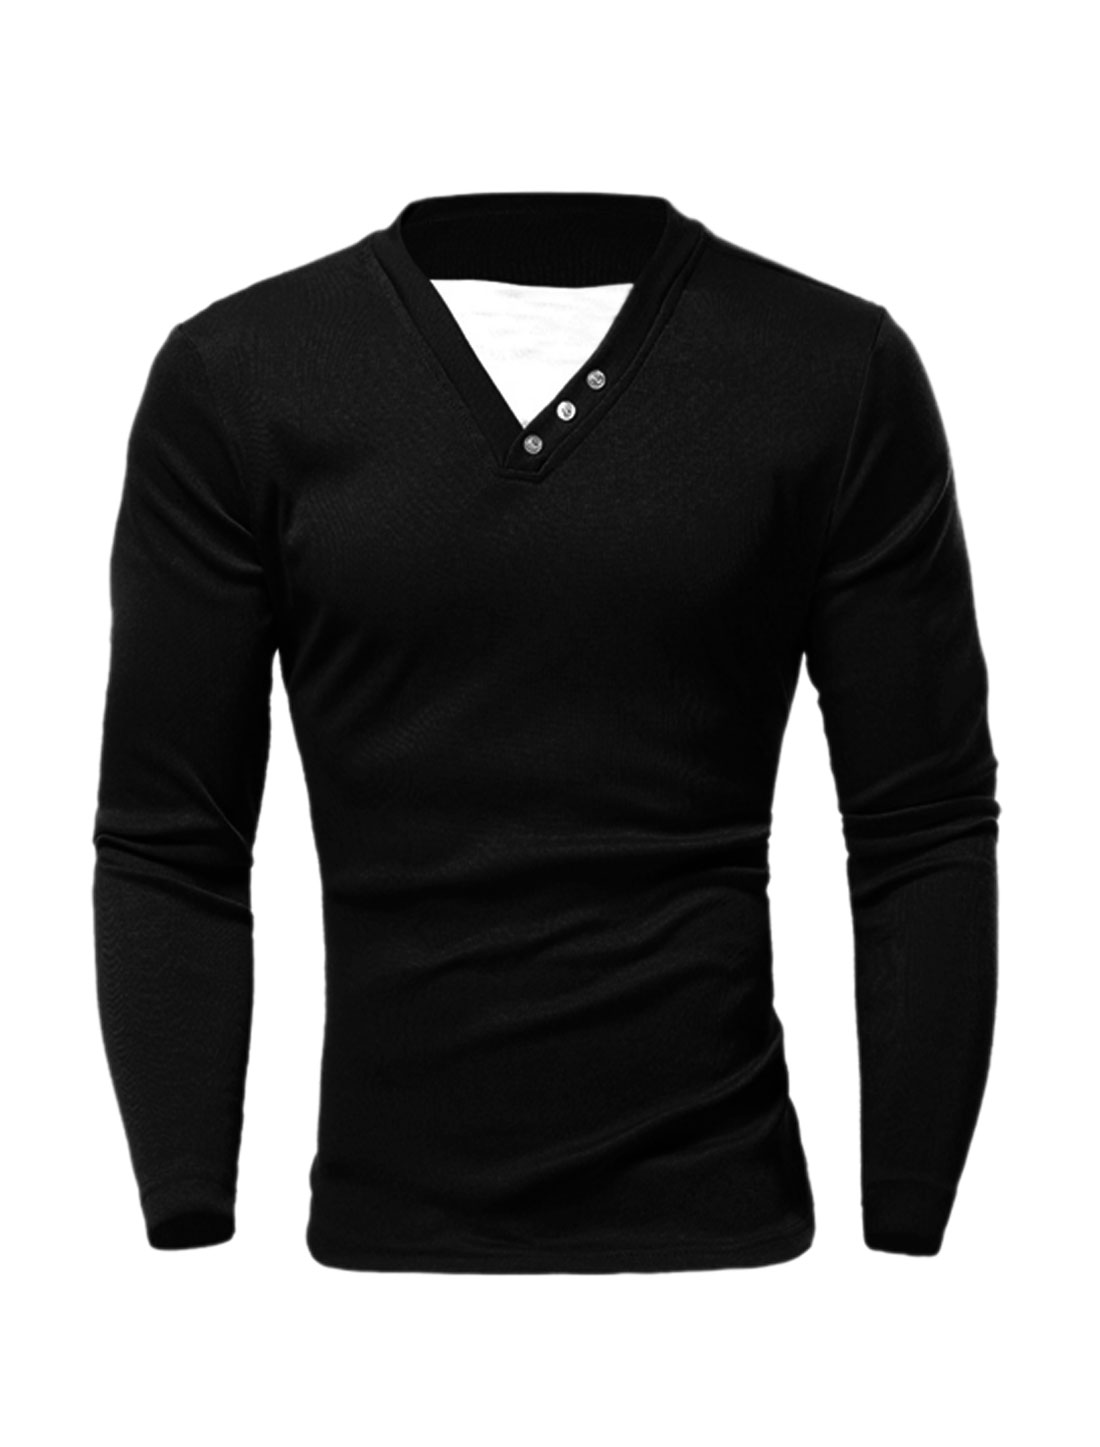 Men Crew Neck Layered Detail Contrast Color Slim Fit T-Shirt Black M